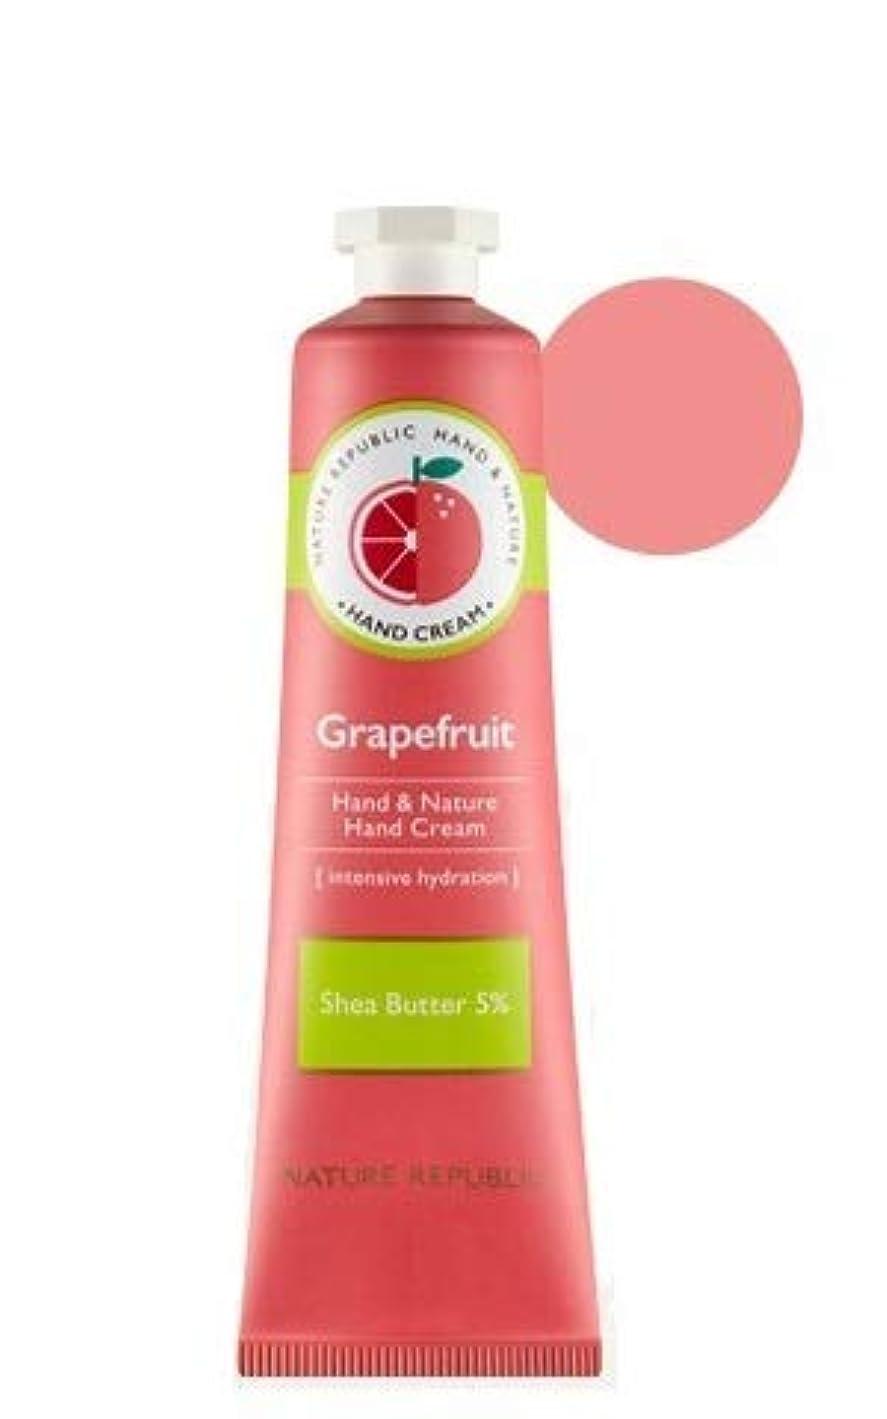 悪意のある関係する非常に怒っています[1+1]ネイチャーリパブリック NATURE REPUBLIC ハンドアンドネイチャーハンドクリーム Hand & Nature Hand Cream (# GRAPEFRUIT) [並行輸入品]